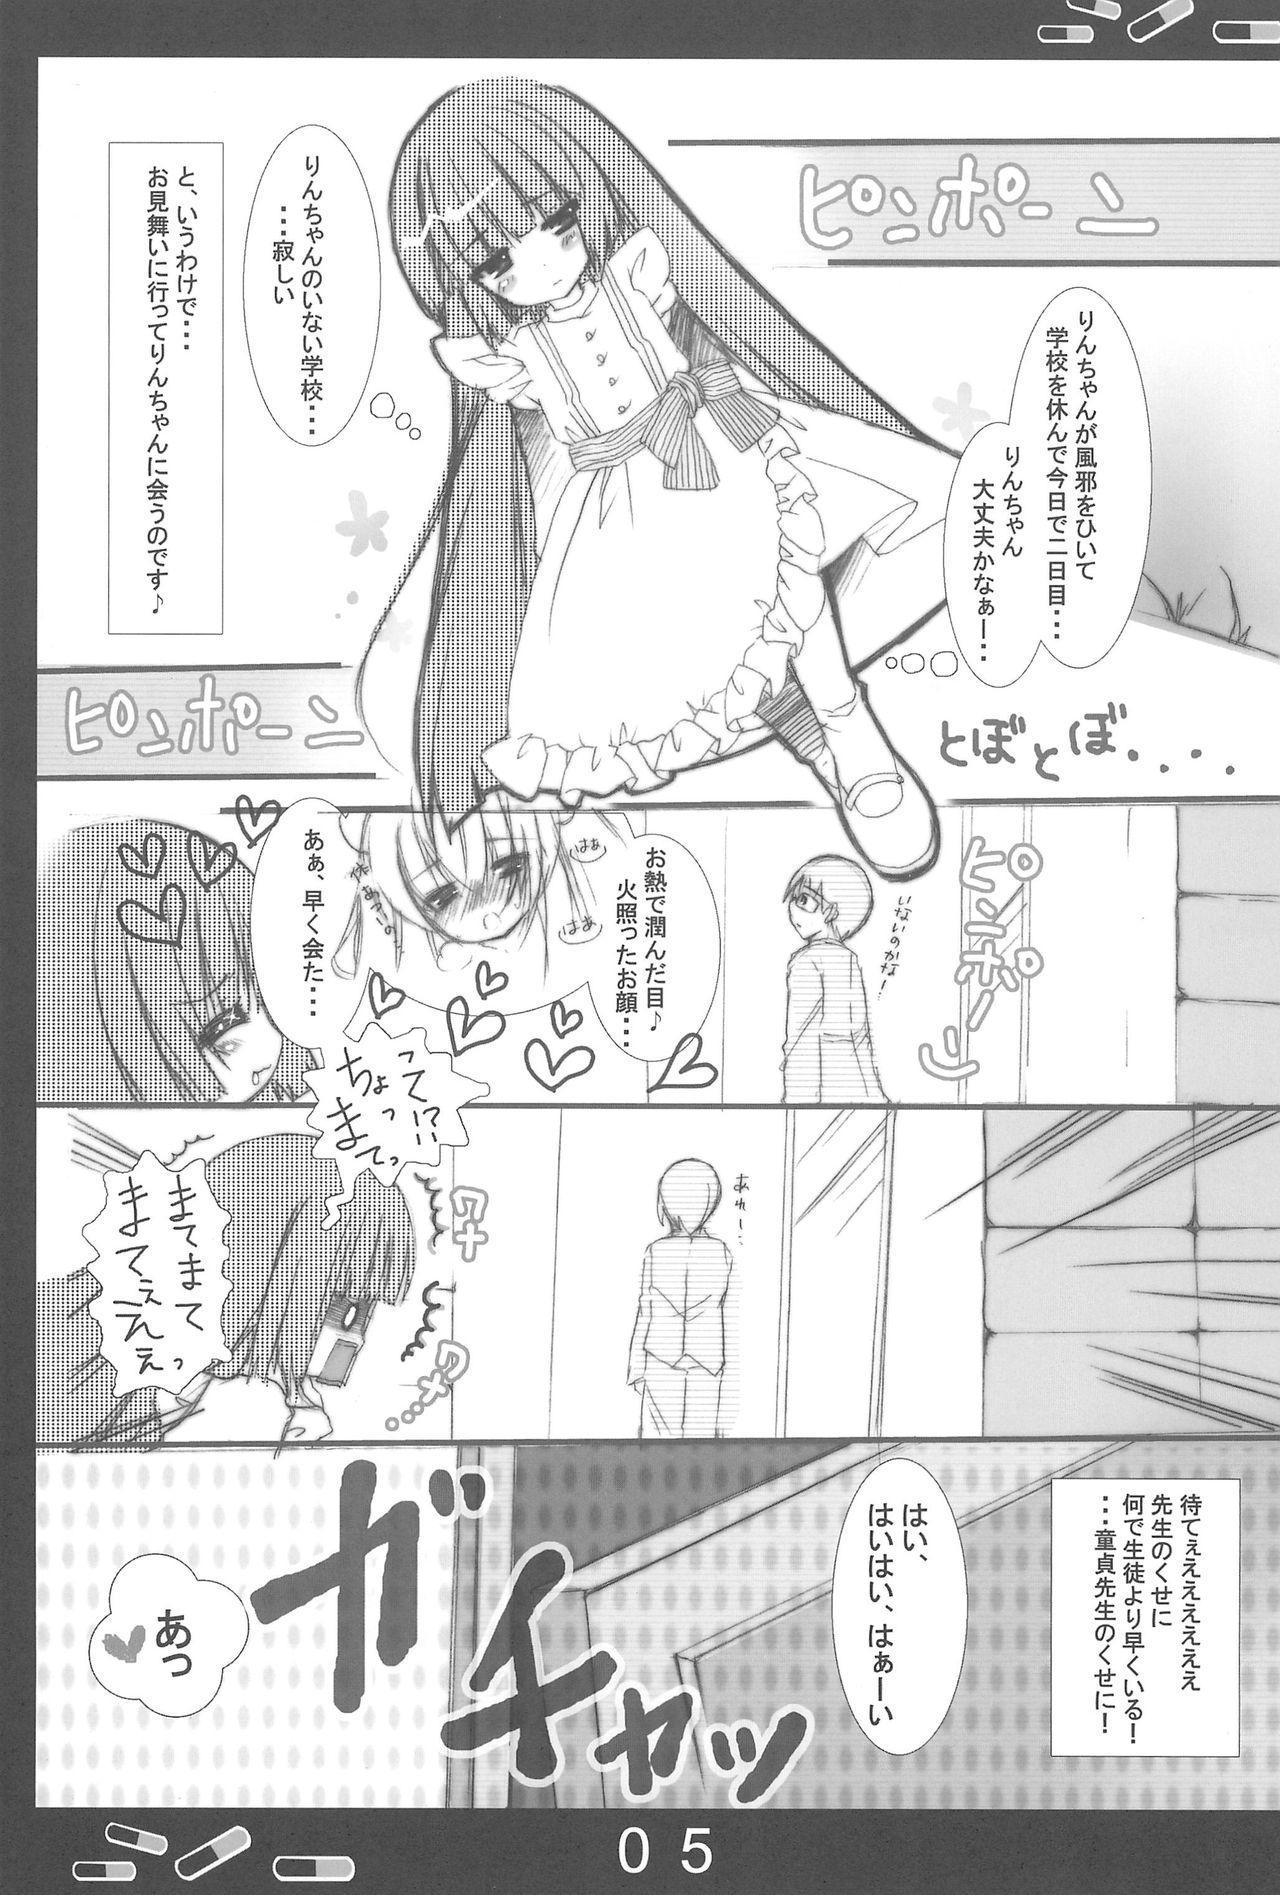 Onetsu no Jikan 4